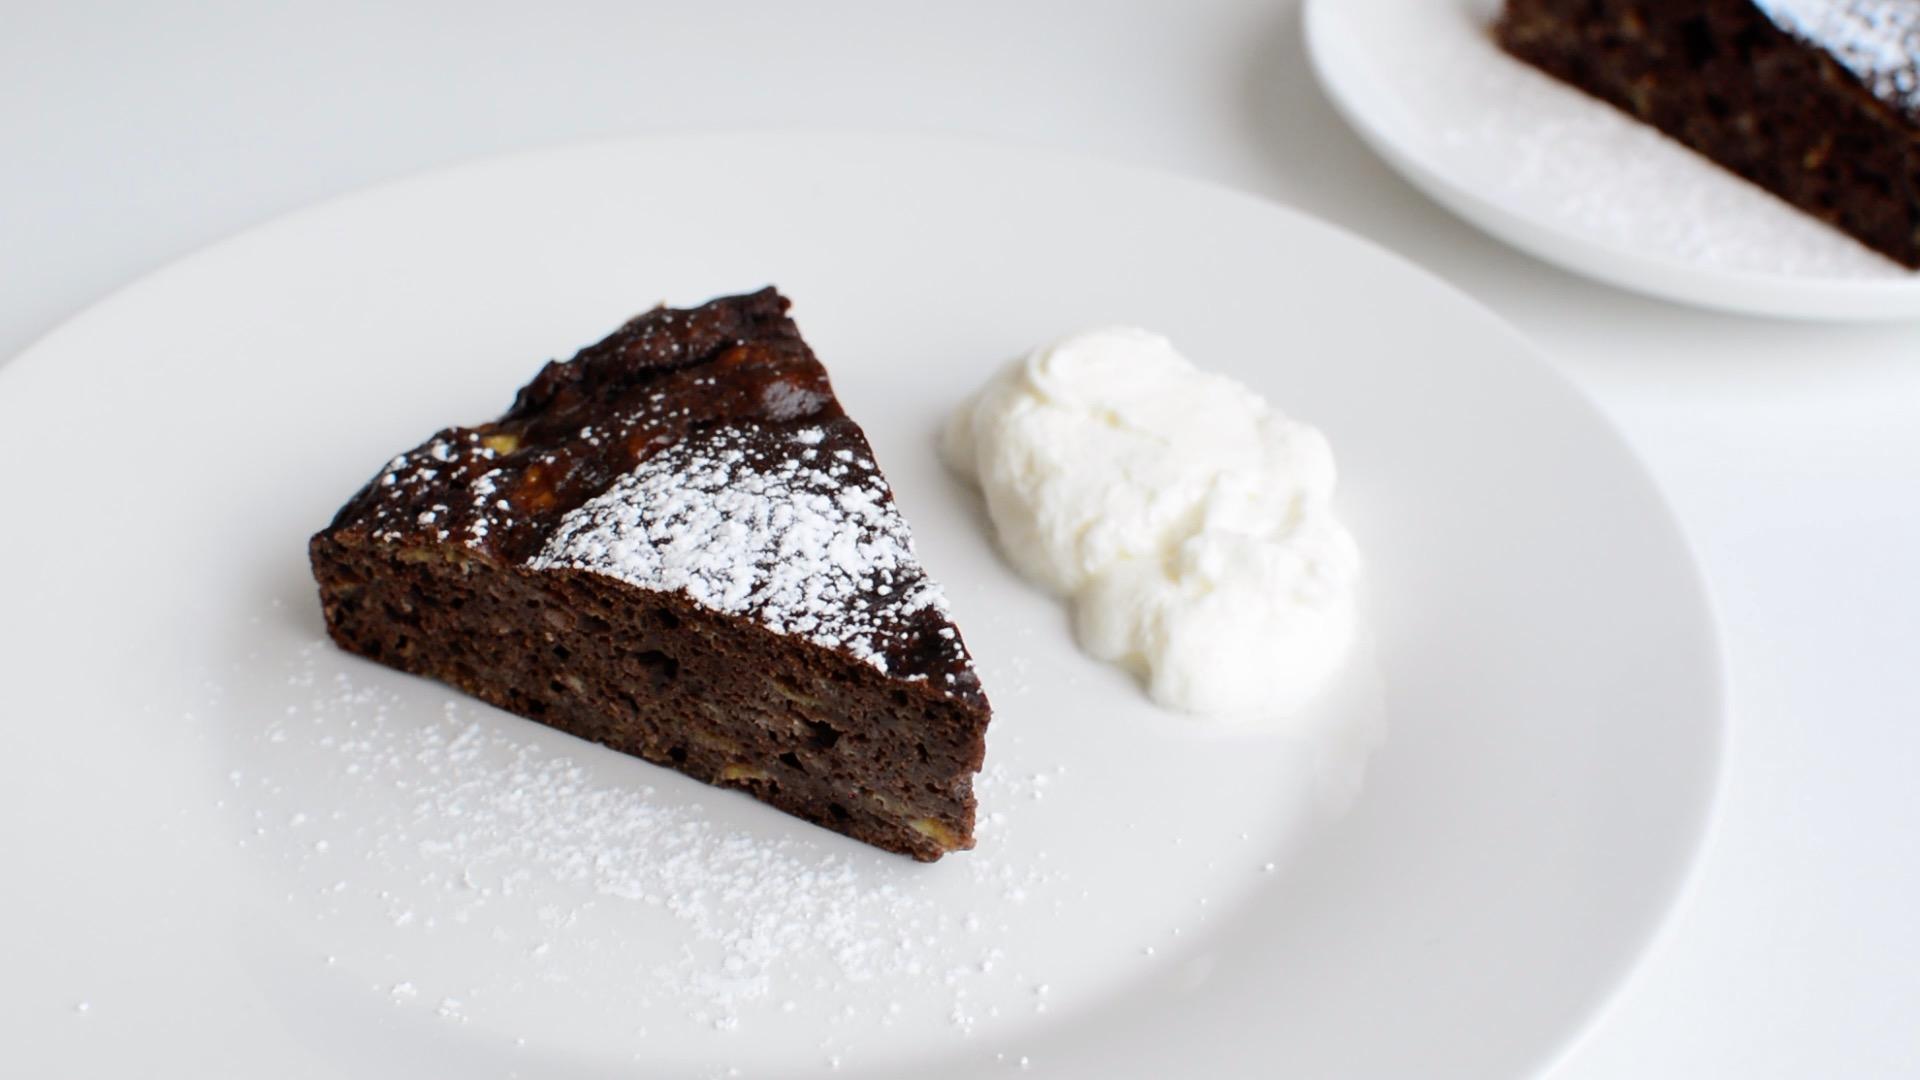 おからとバナナのチョコレートケーキ